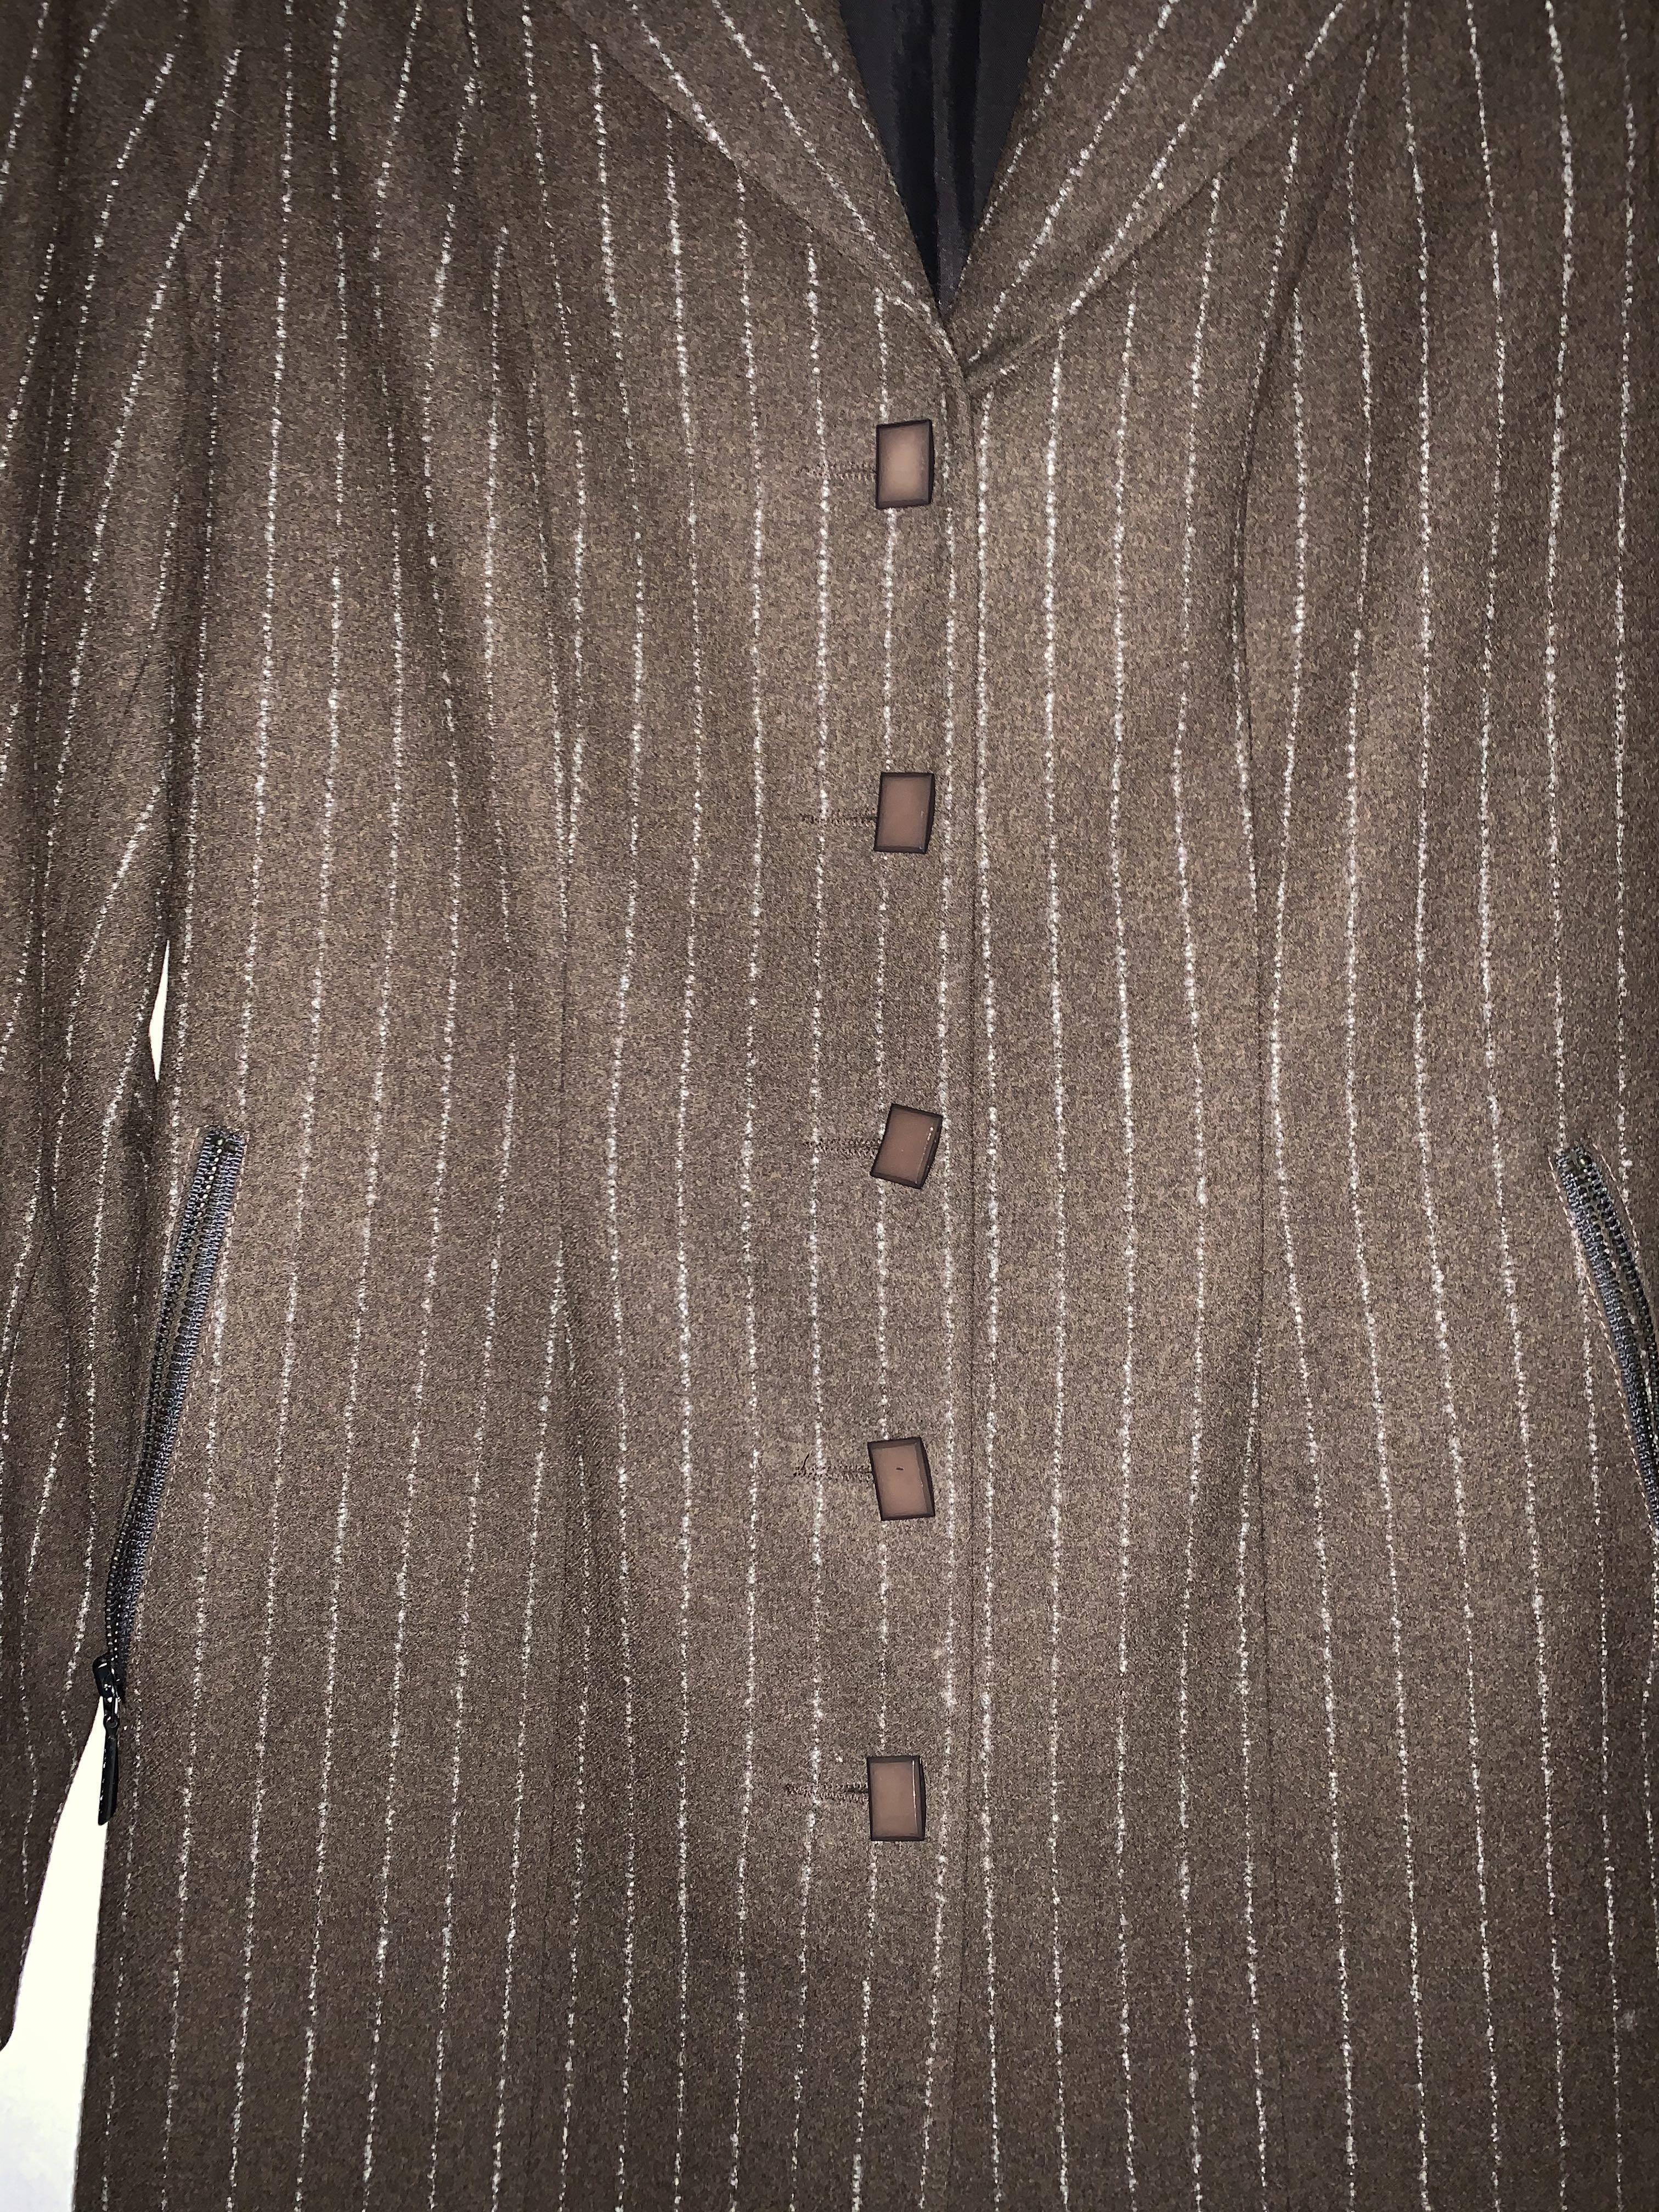 troc de troc veste  longue marron image 0